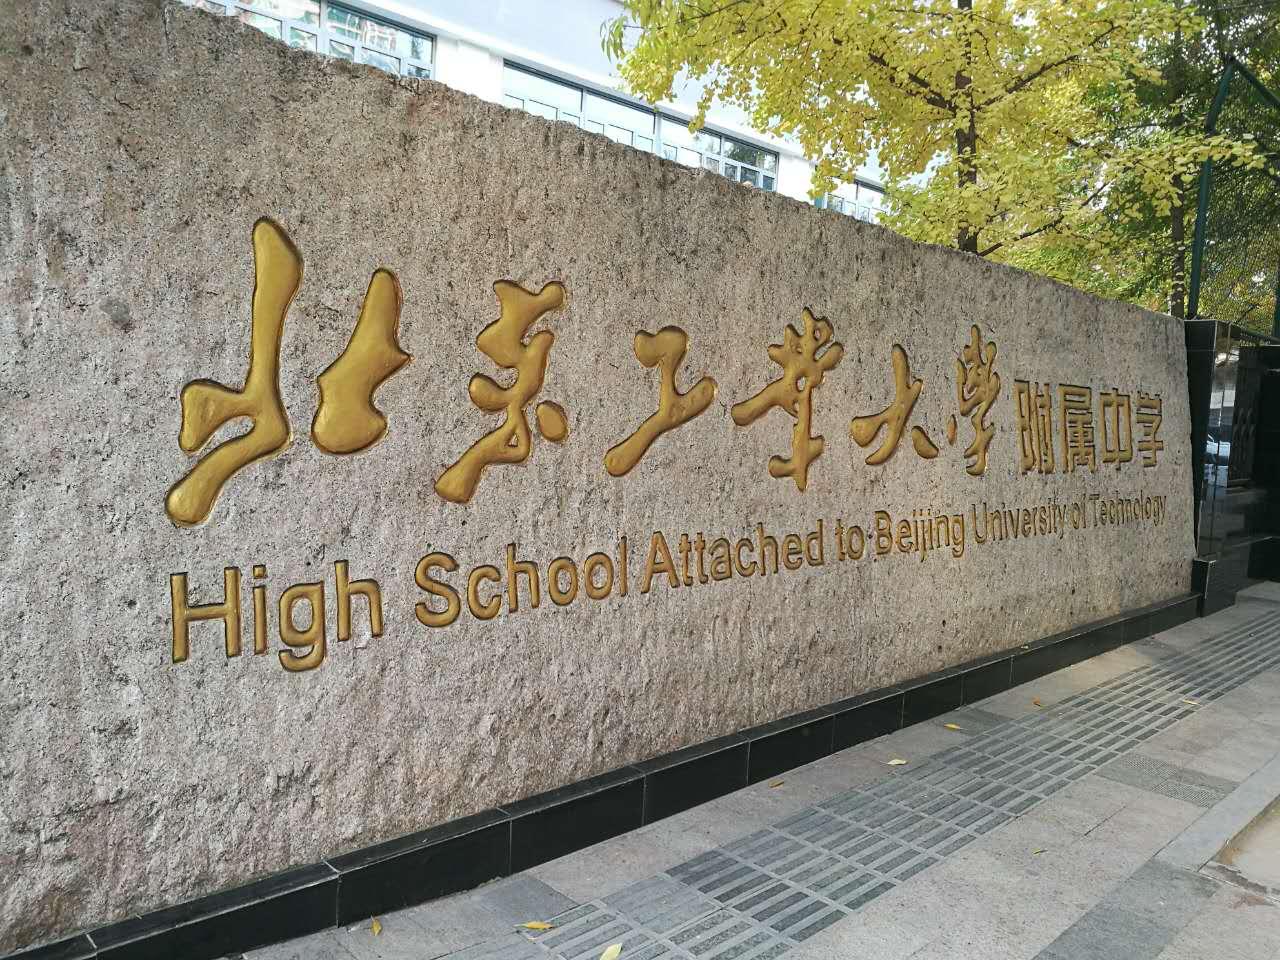 @朝阳教师,新时代教师职业行为准则,与你息息相关!